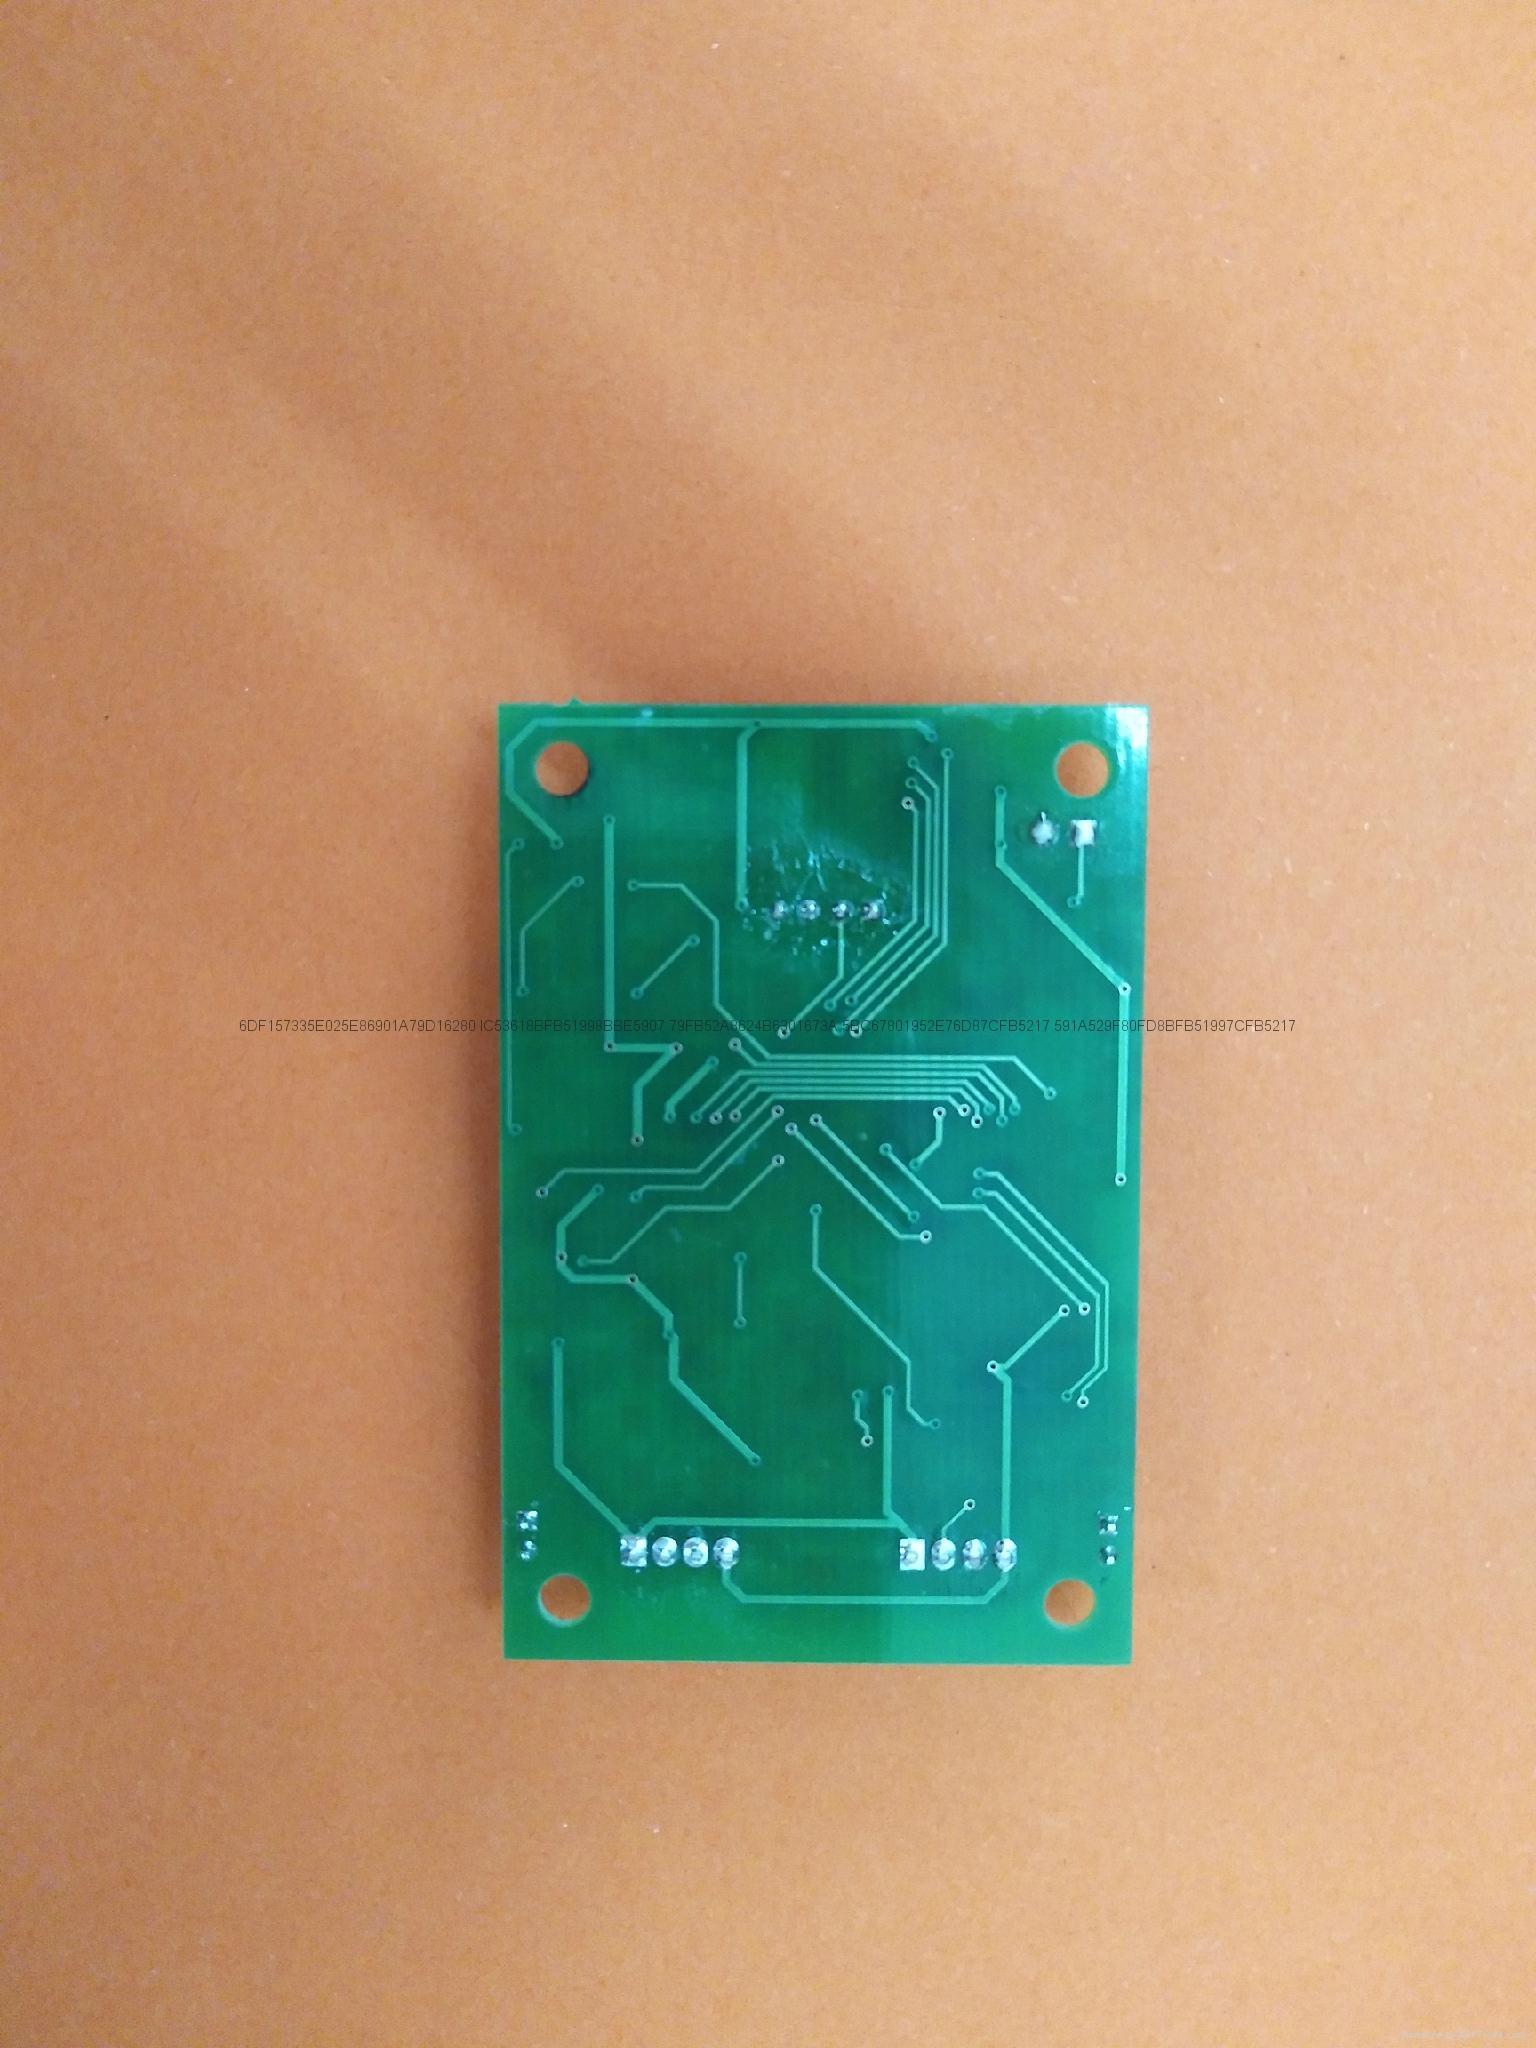 慶通RFID接觸式IC卡模組工控智能讀卡器廠家 4